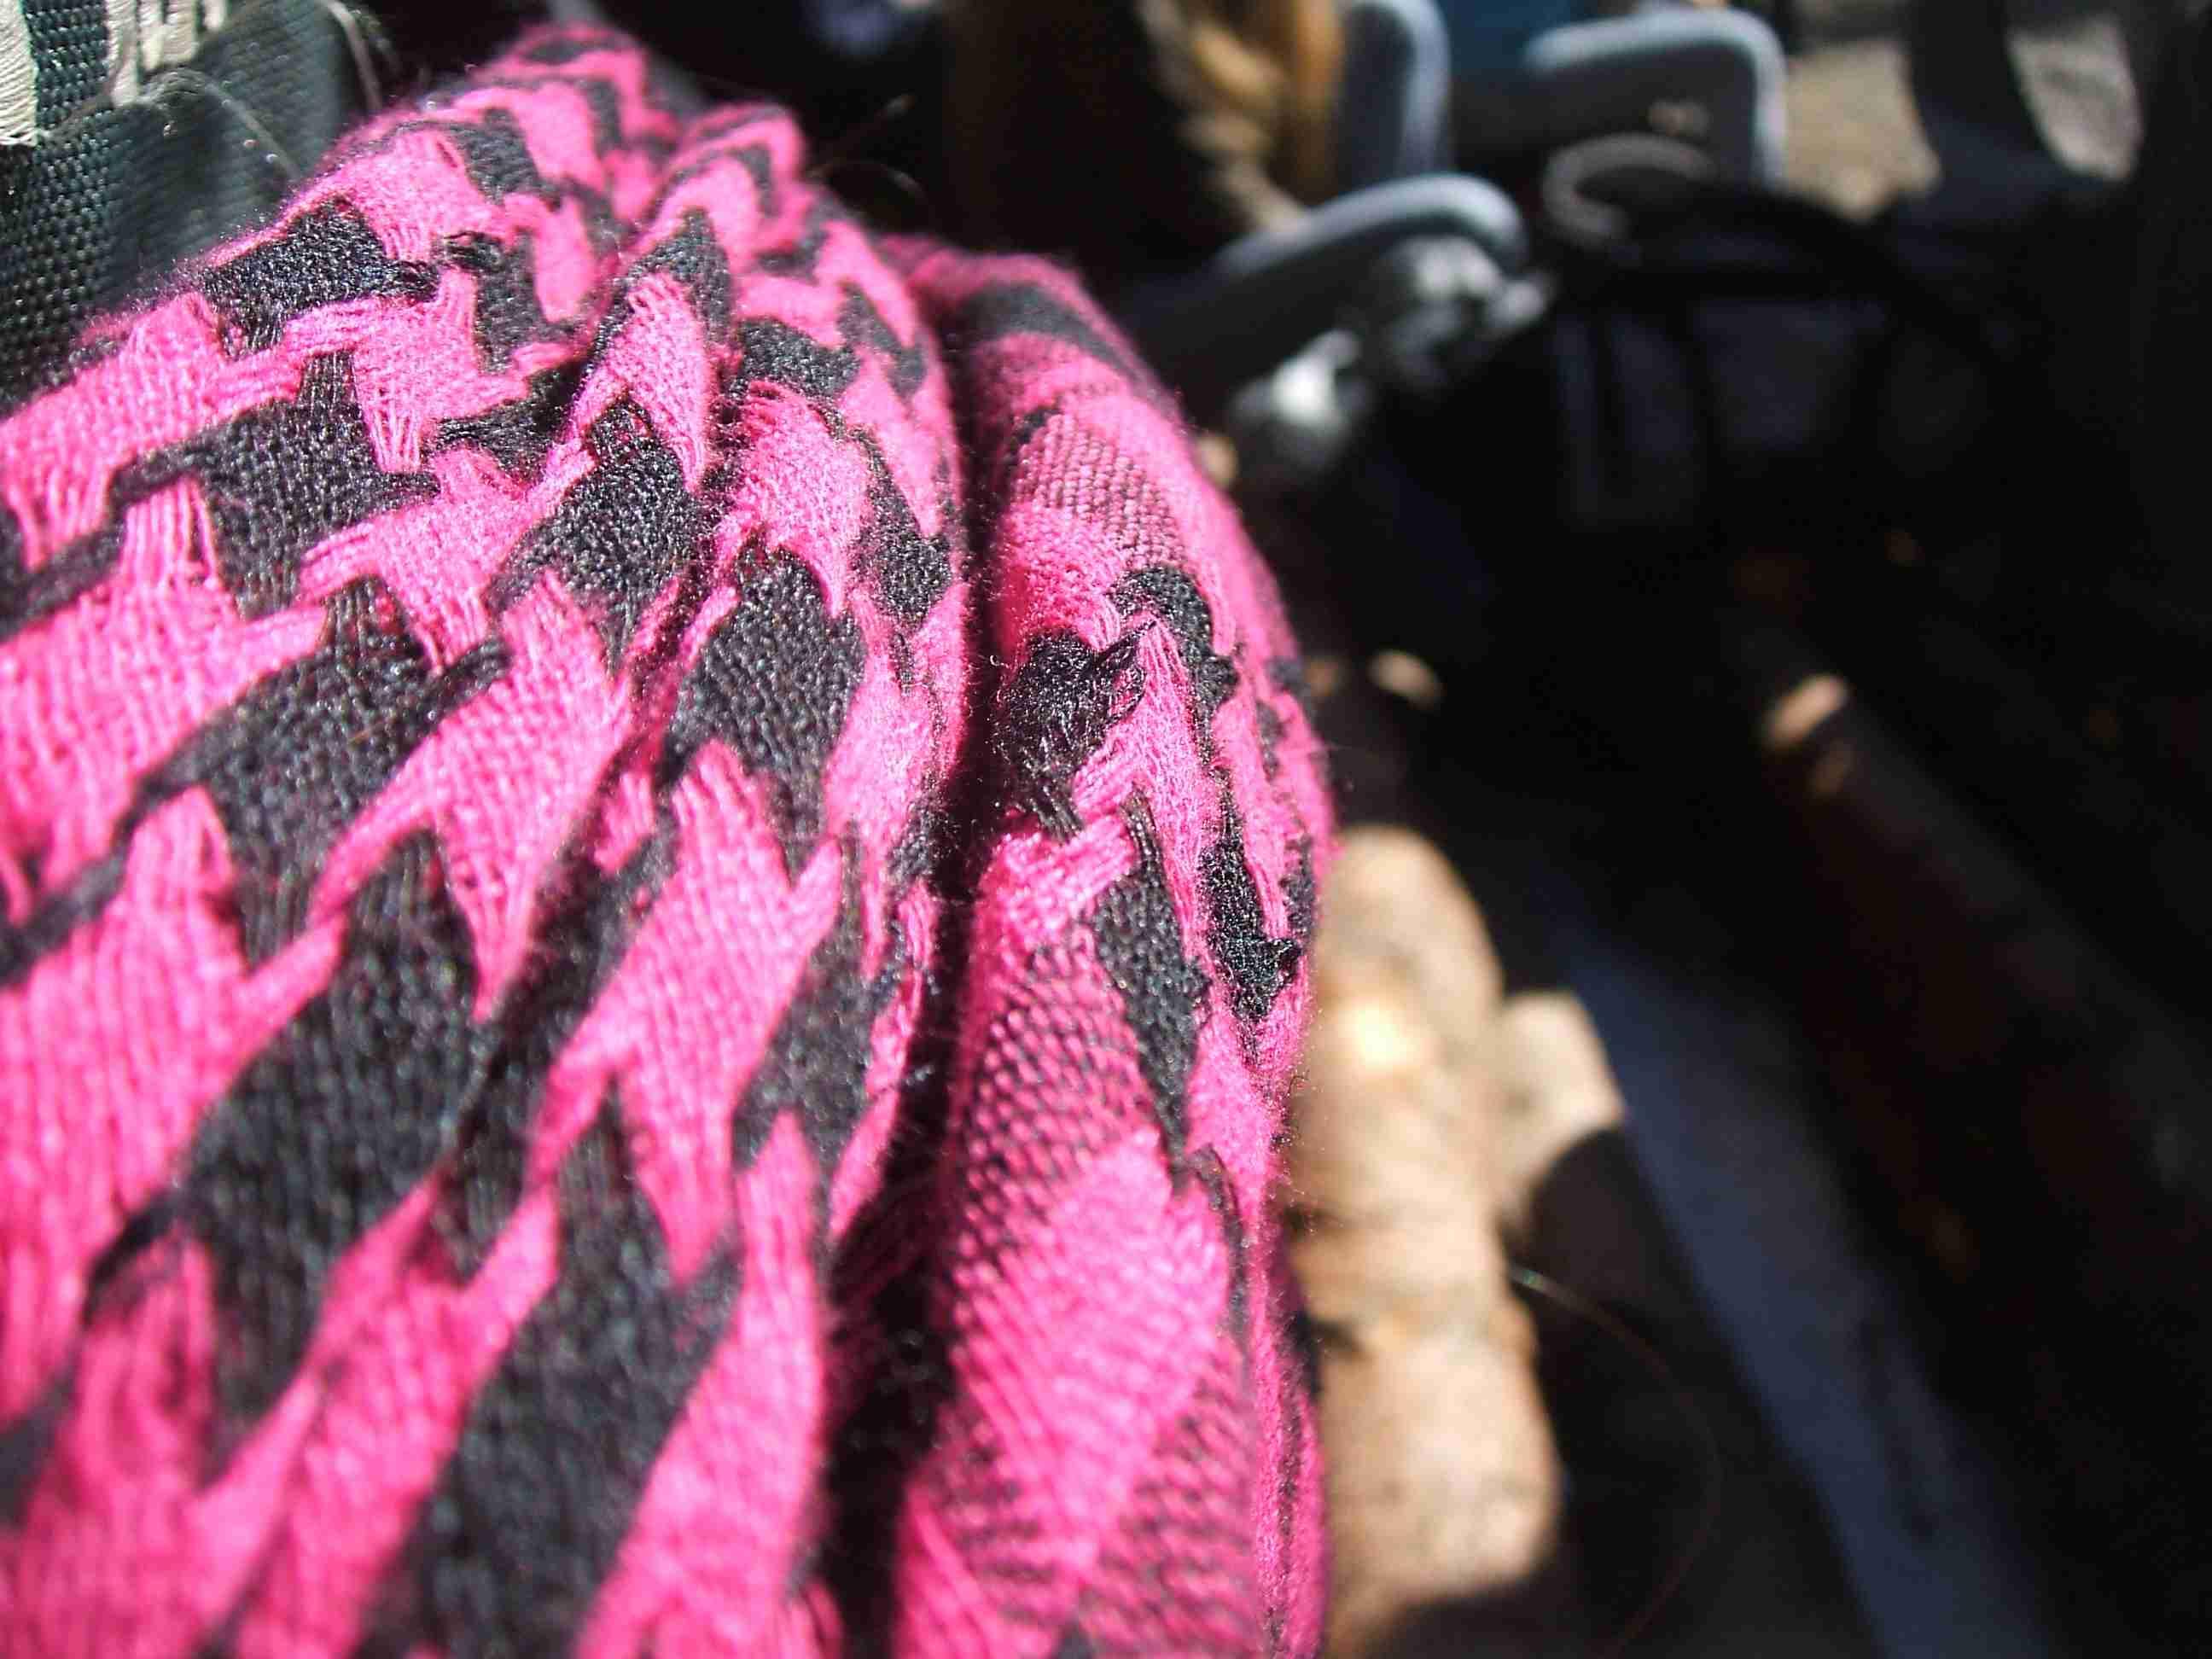 šátek přehozený přes batohy